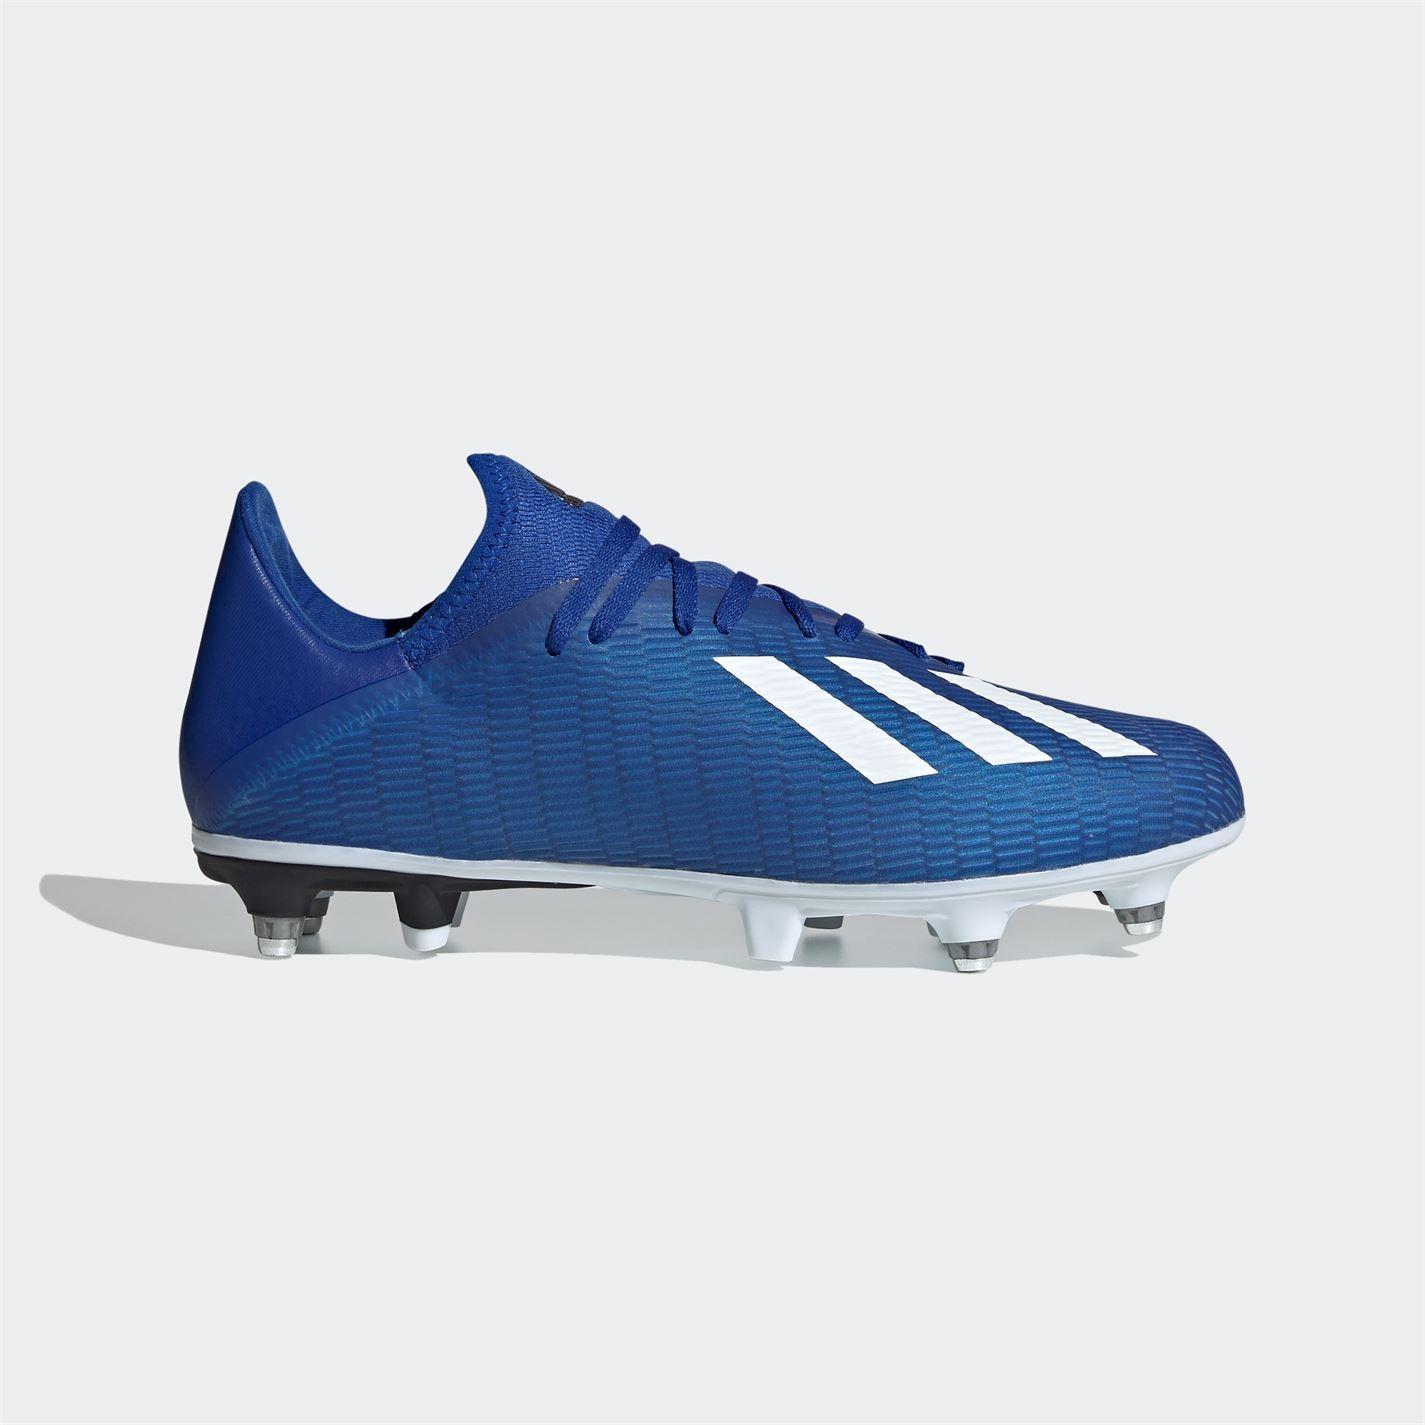 Adidas-X-19-3-Homme-SG-Terrain-Souple-Chaussures-De-Football-Chaussures-de-Foot-Crampons-Baskets miniature 4